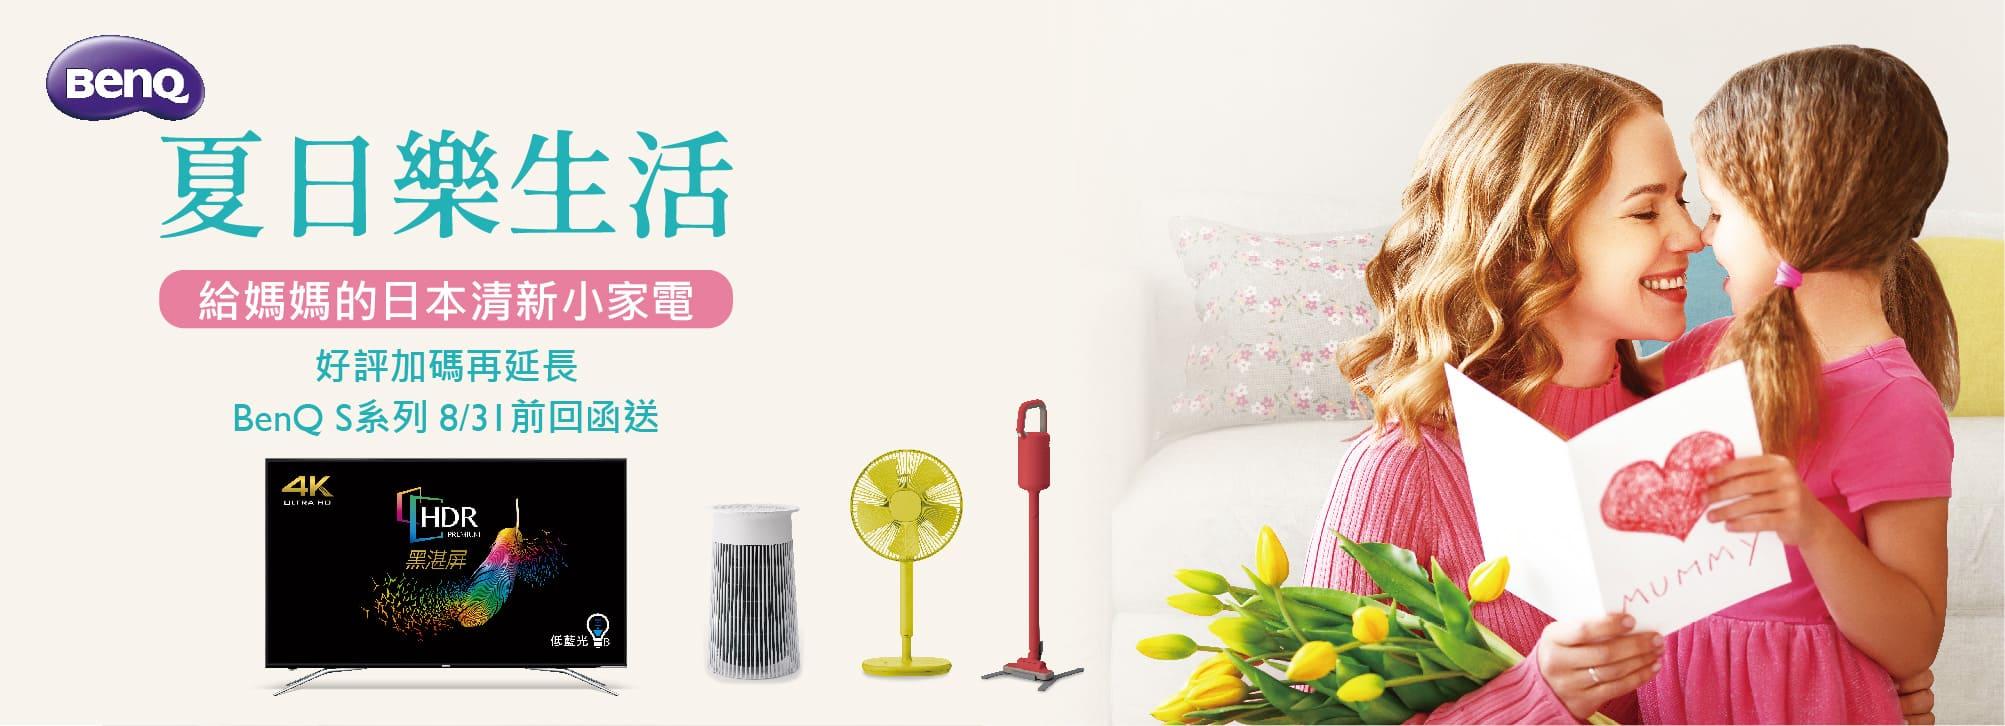 BenQ 4KHDR護眼廣色域大型液晶S系列,日本美型小家電一起帶回家!